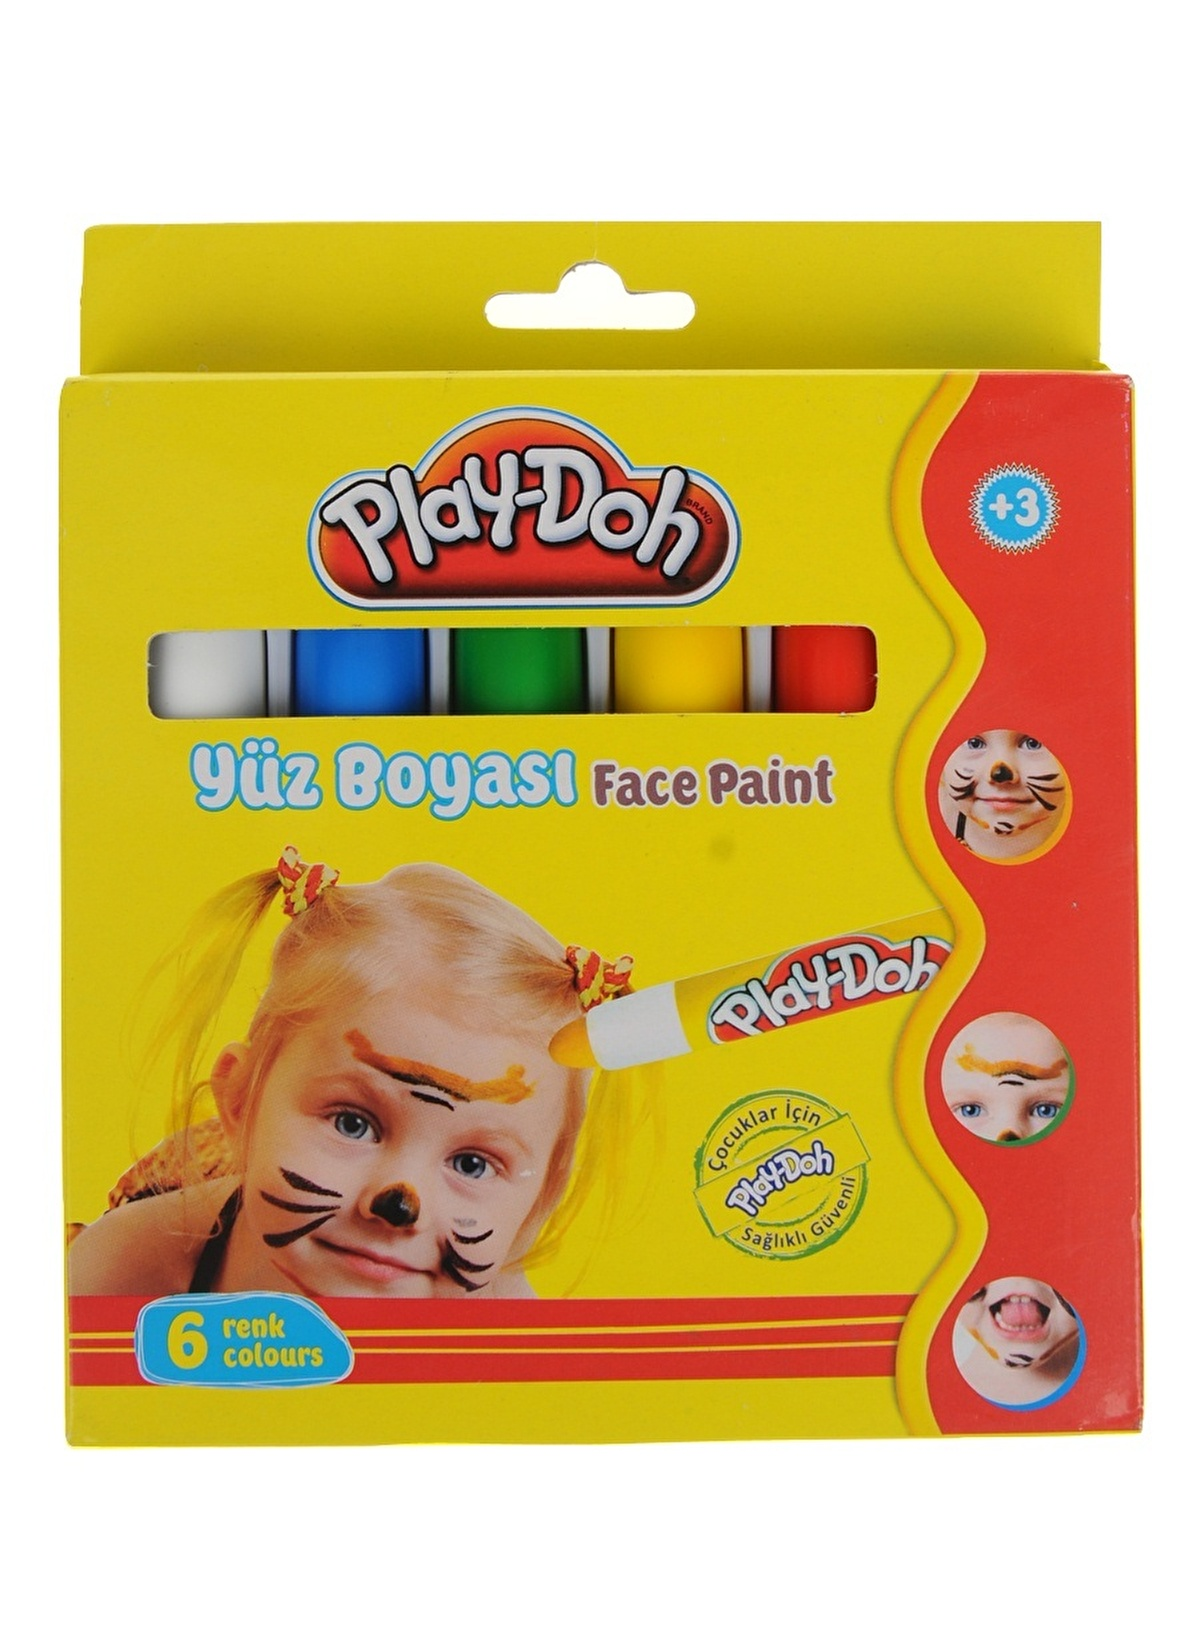 Play Doh Unisex çocuk Yüz Boya Renkli Morhipo 13798651